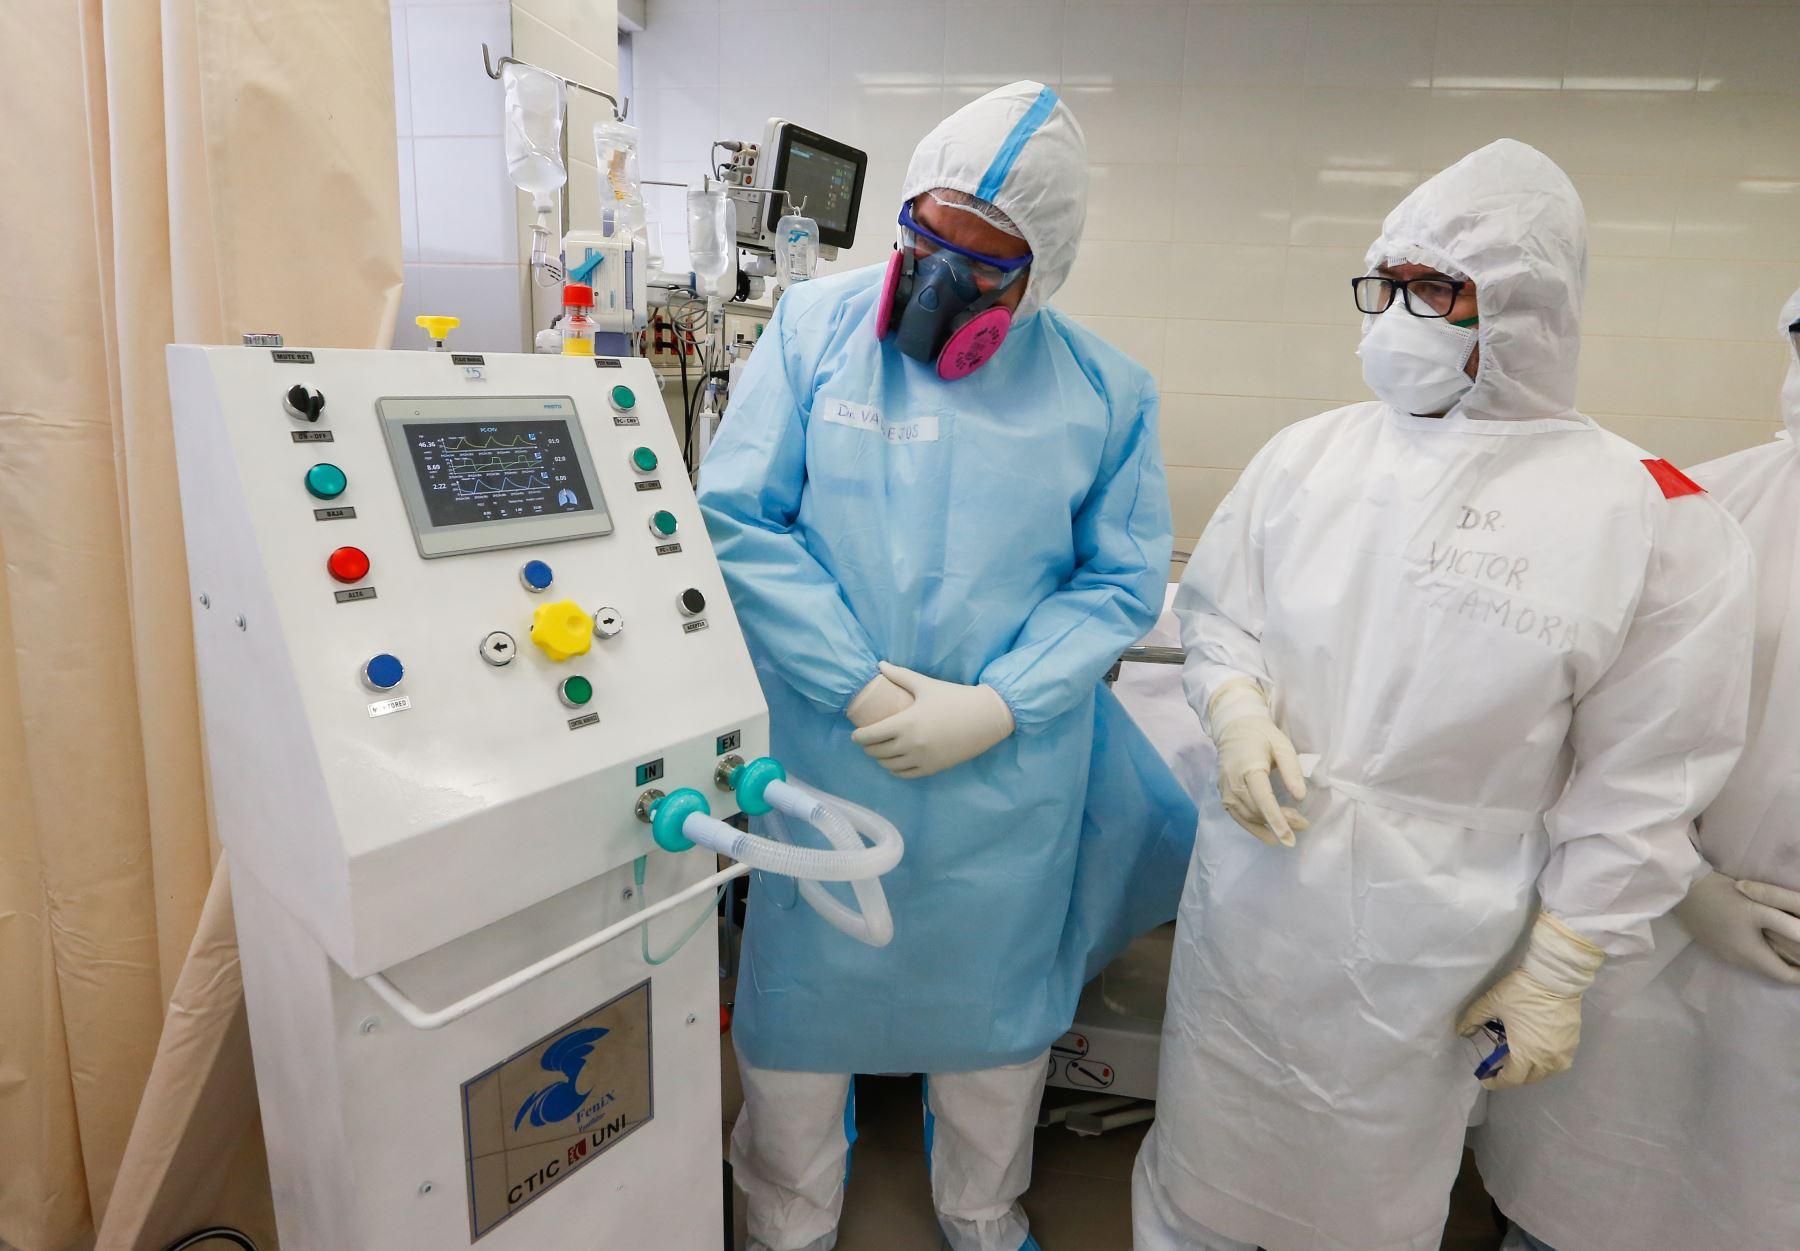 El ventilador mecánico 'Fénix´ puede ser controlado a través de un celular tipo smartphone que le permite al médicoc monitorear al paciente con covid-19 sin necesidad de exponerse constantemente al contagio. ANDINA/Minsa